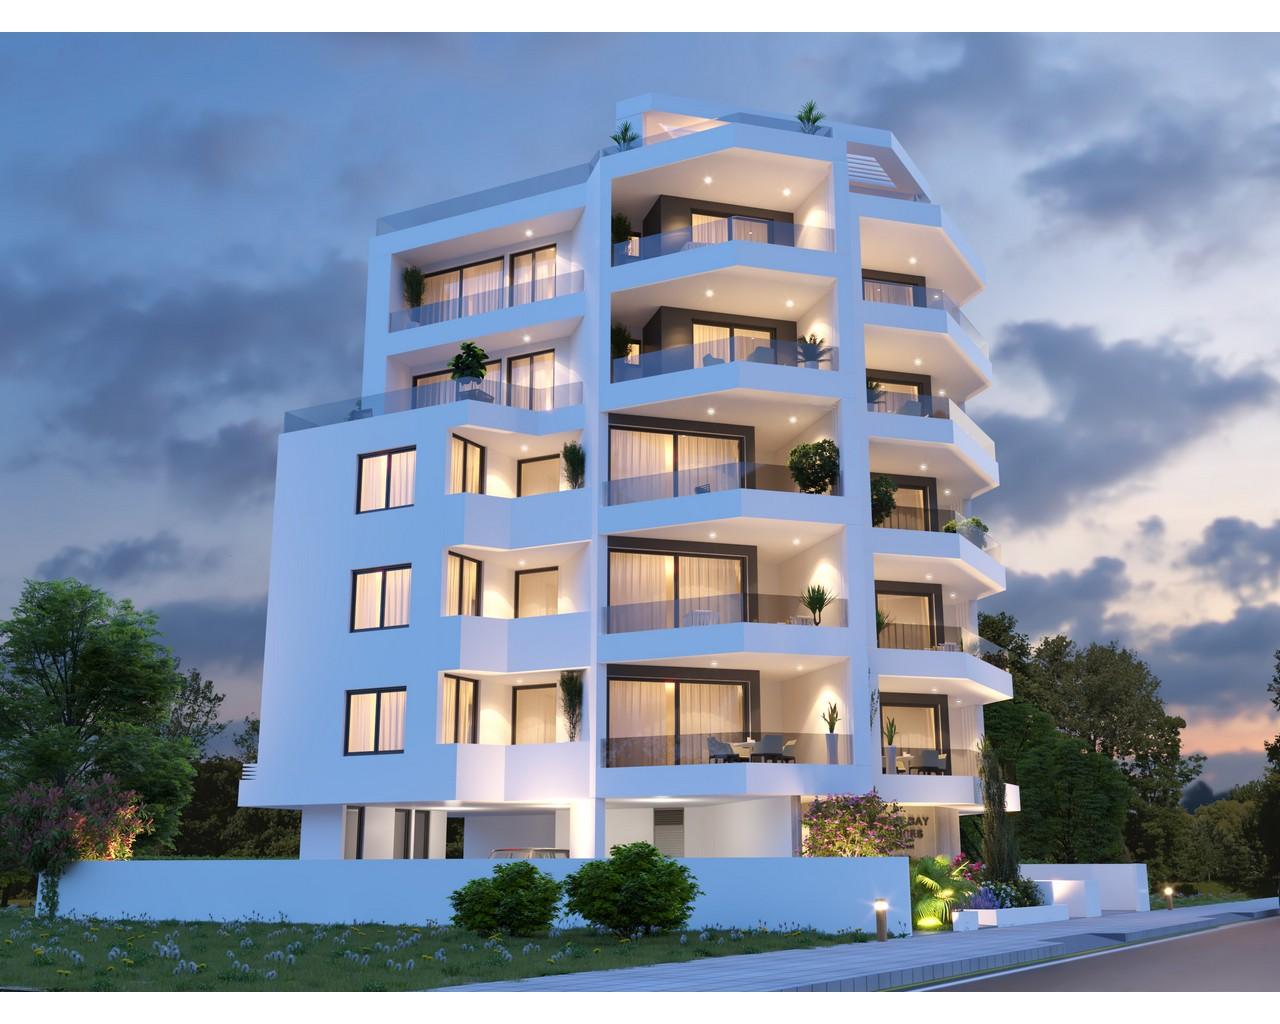 Apartment Larnaca(Mackenzie)  2 Bedrooms 2 Bathrooms 85 SqMt.....